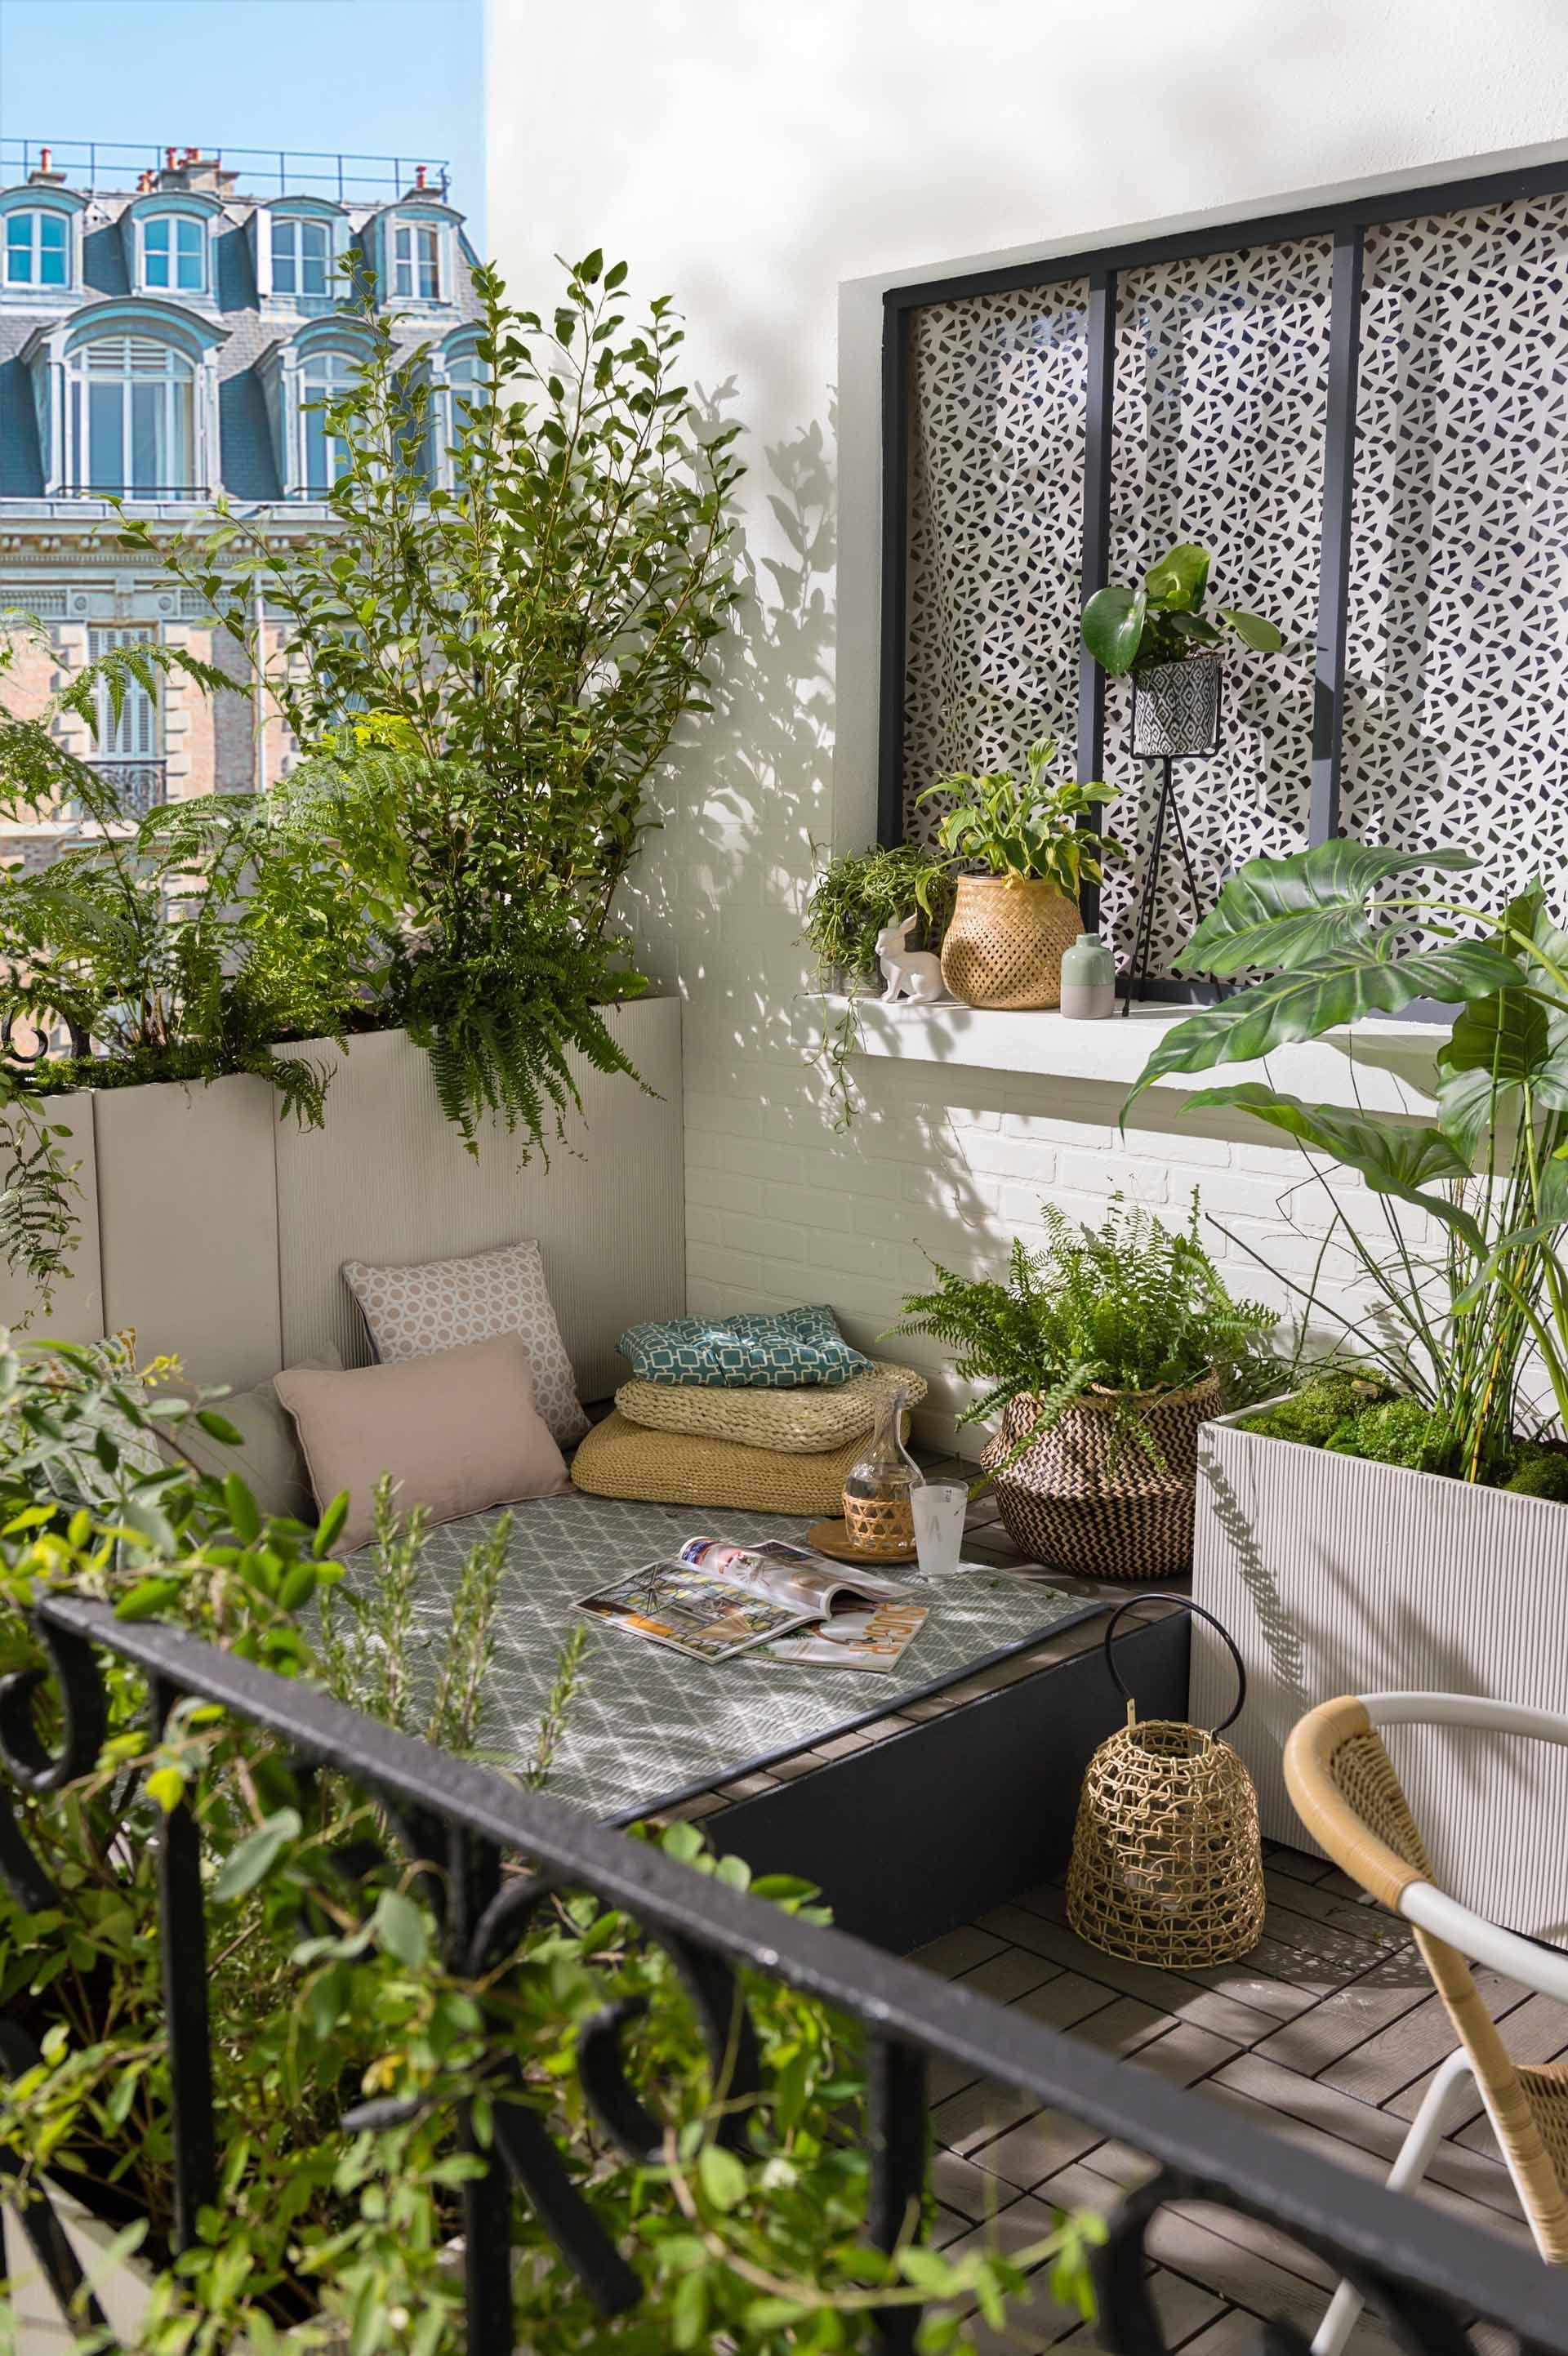 Comment Aménager Jardin Pas Cher Épinglé sur terrasse et jardin